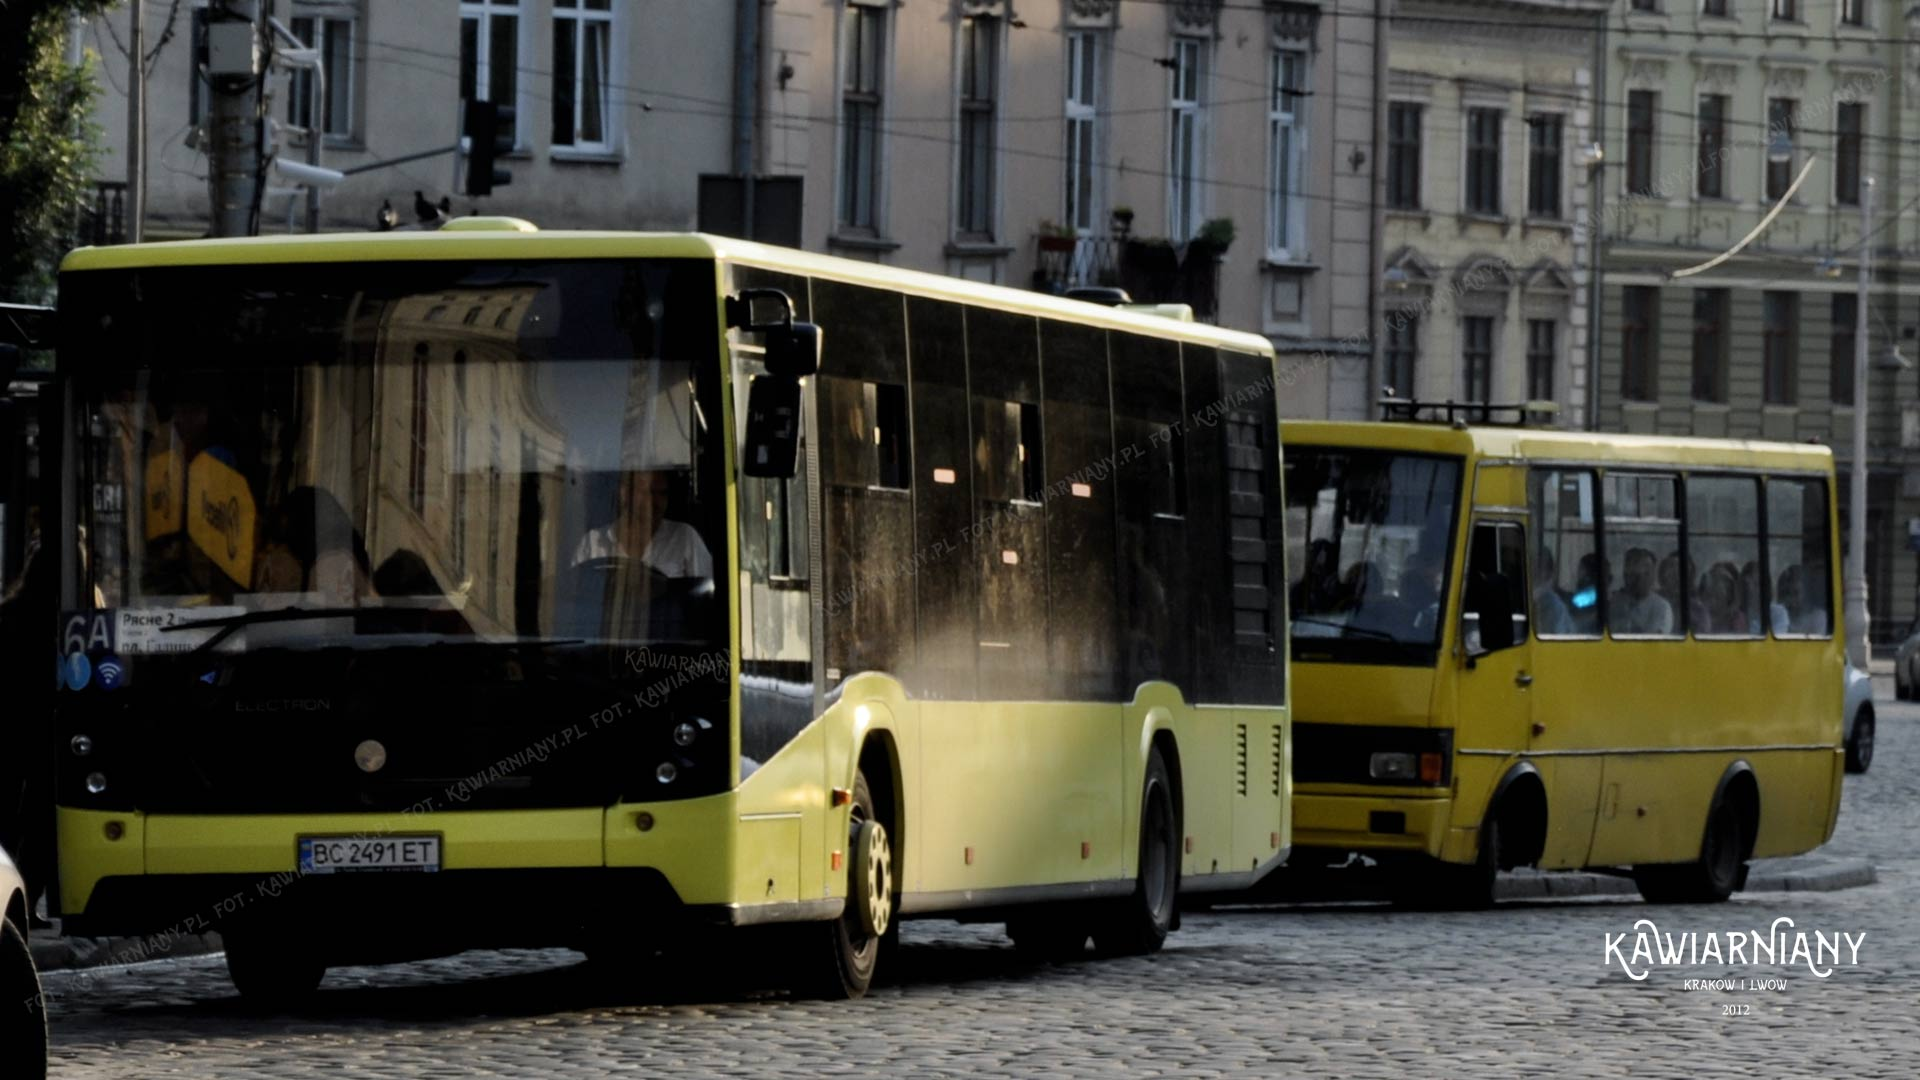 Darmowe WiFi we wszystkich komunalnych środkach komunikacji miejskiej we Lwowie